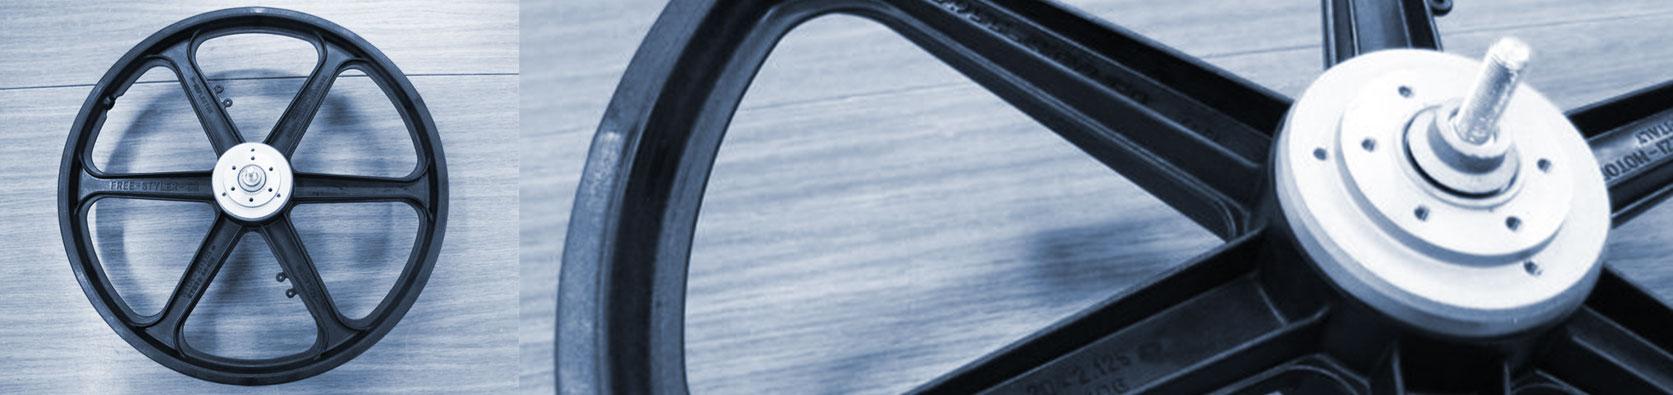 produzione ruote in tecnopolimero